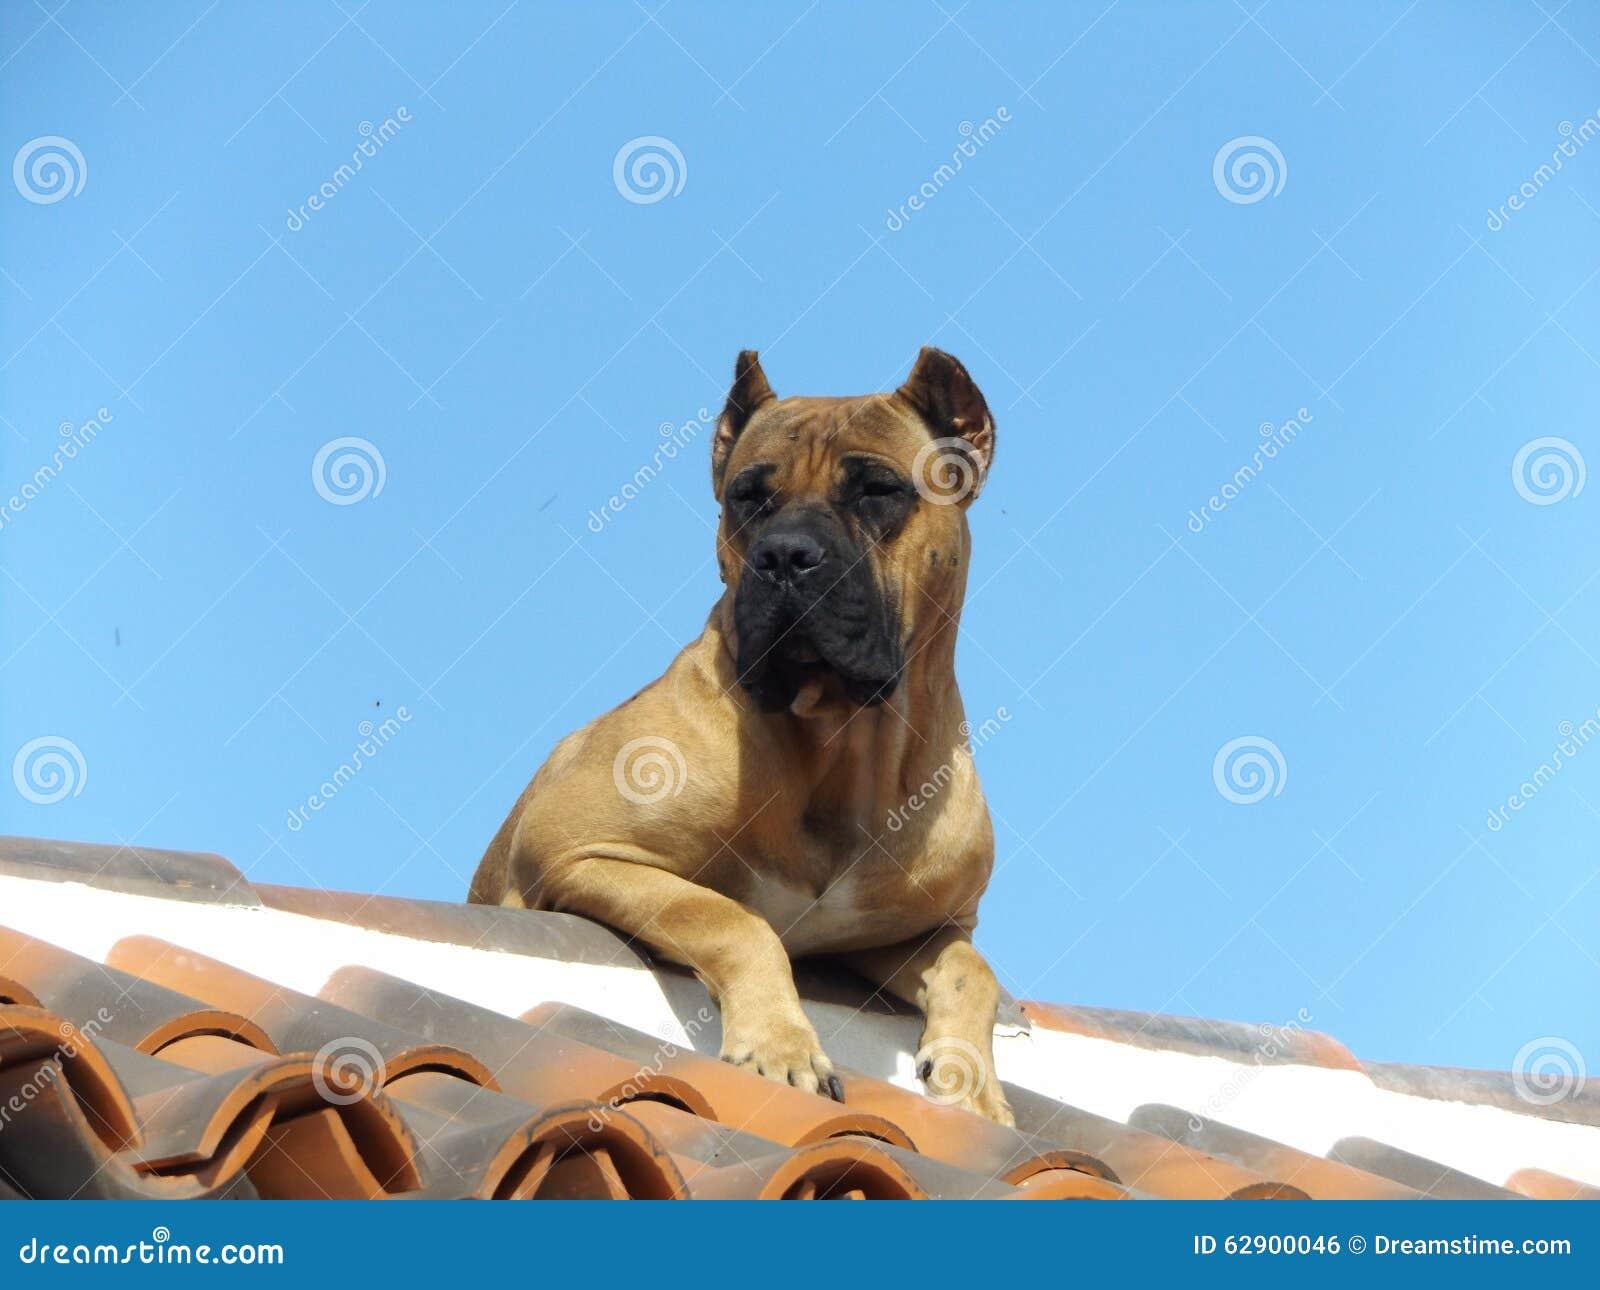 色女和公狗�9��yl#�+_黄雀色狗